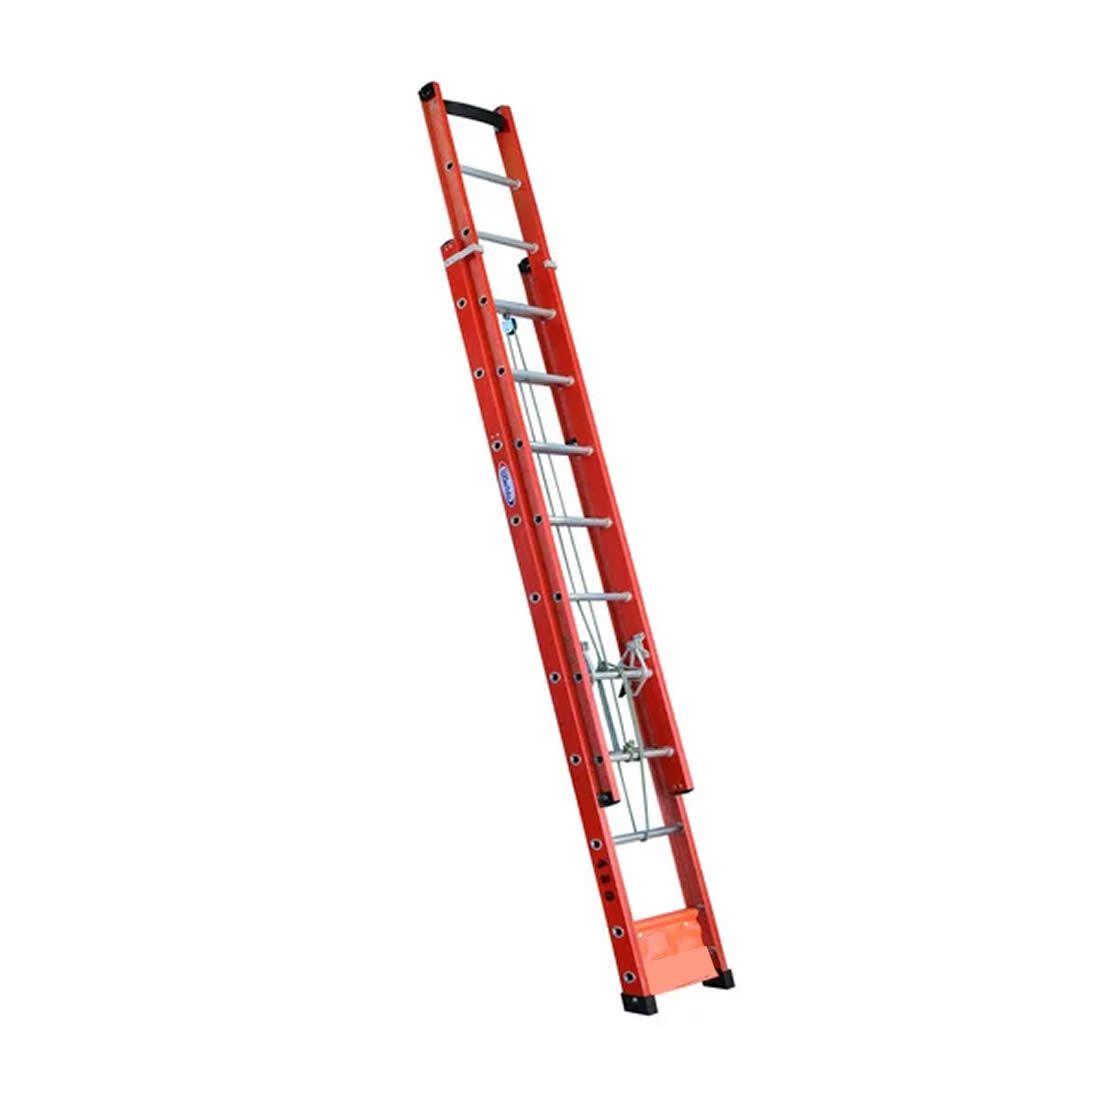 Escada Sintese Fibra de Vidro Extensível 4.20 x 7.20 Metros